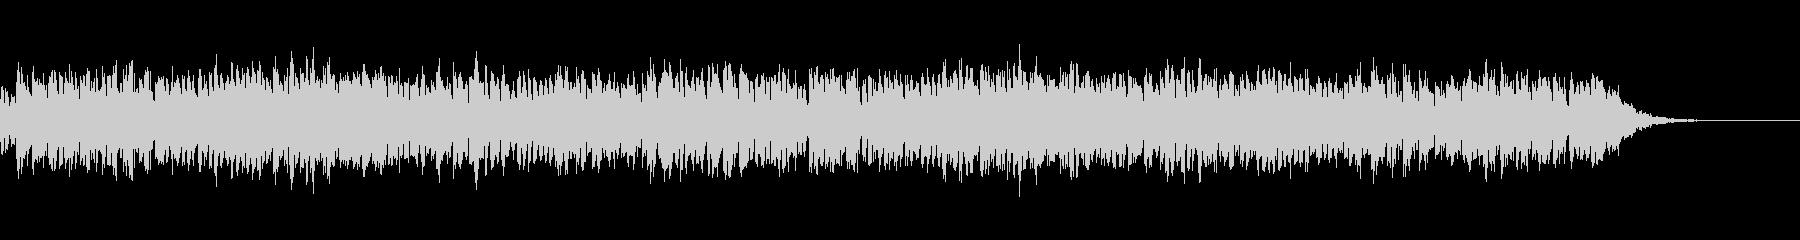 シンセによるシンプルな1曲の未再生の波形